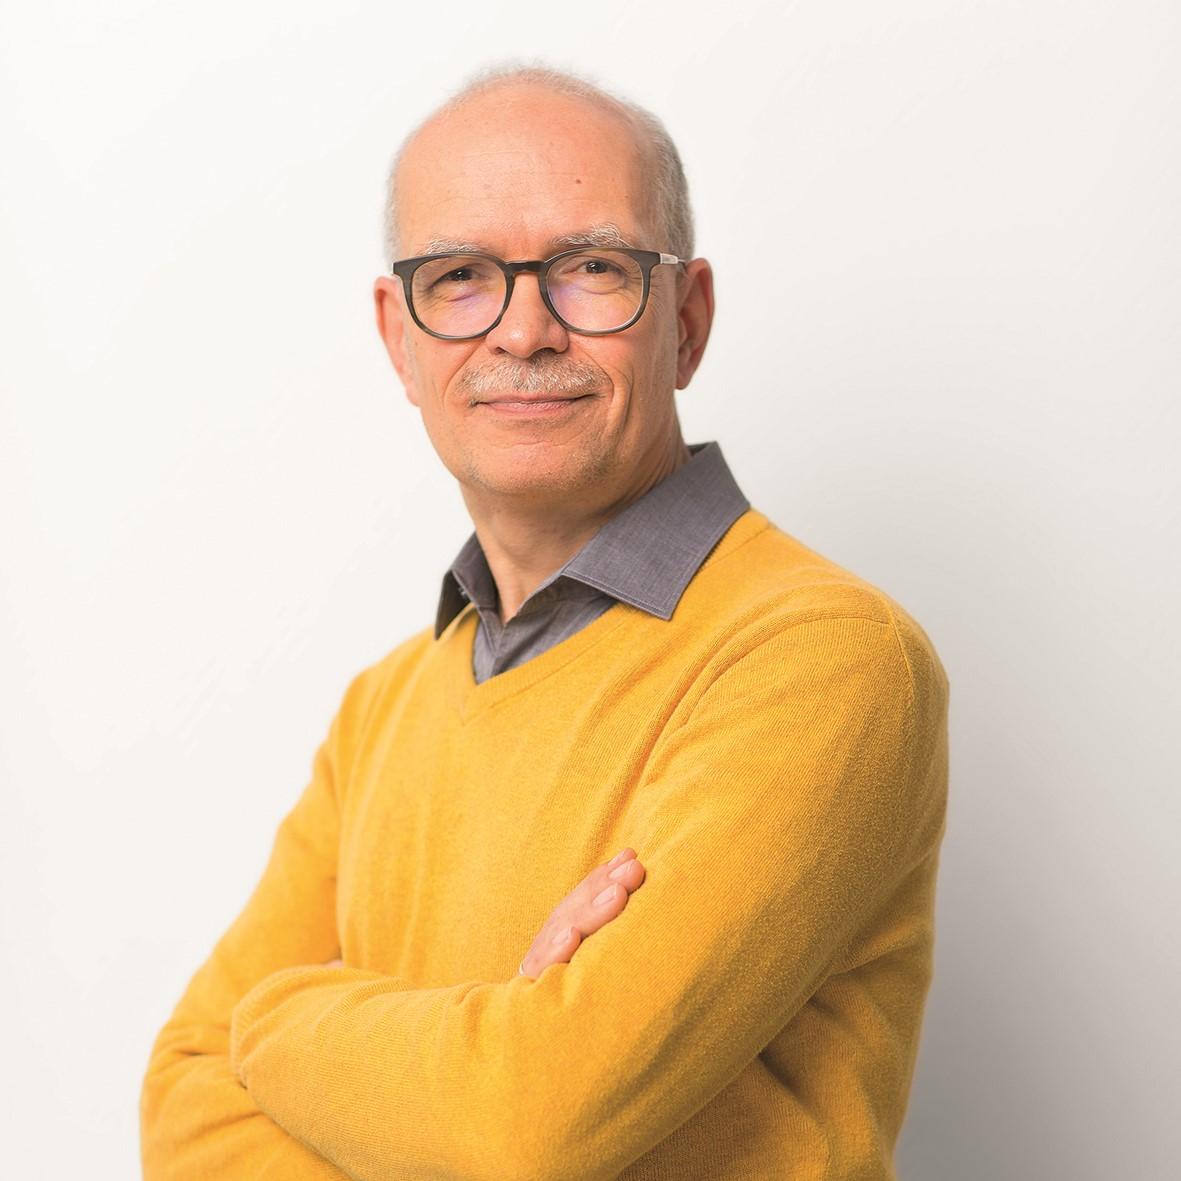 Michael Loerzer